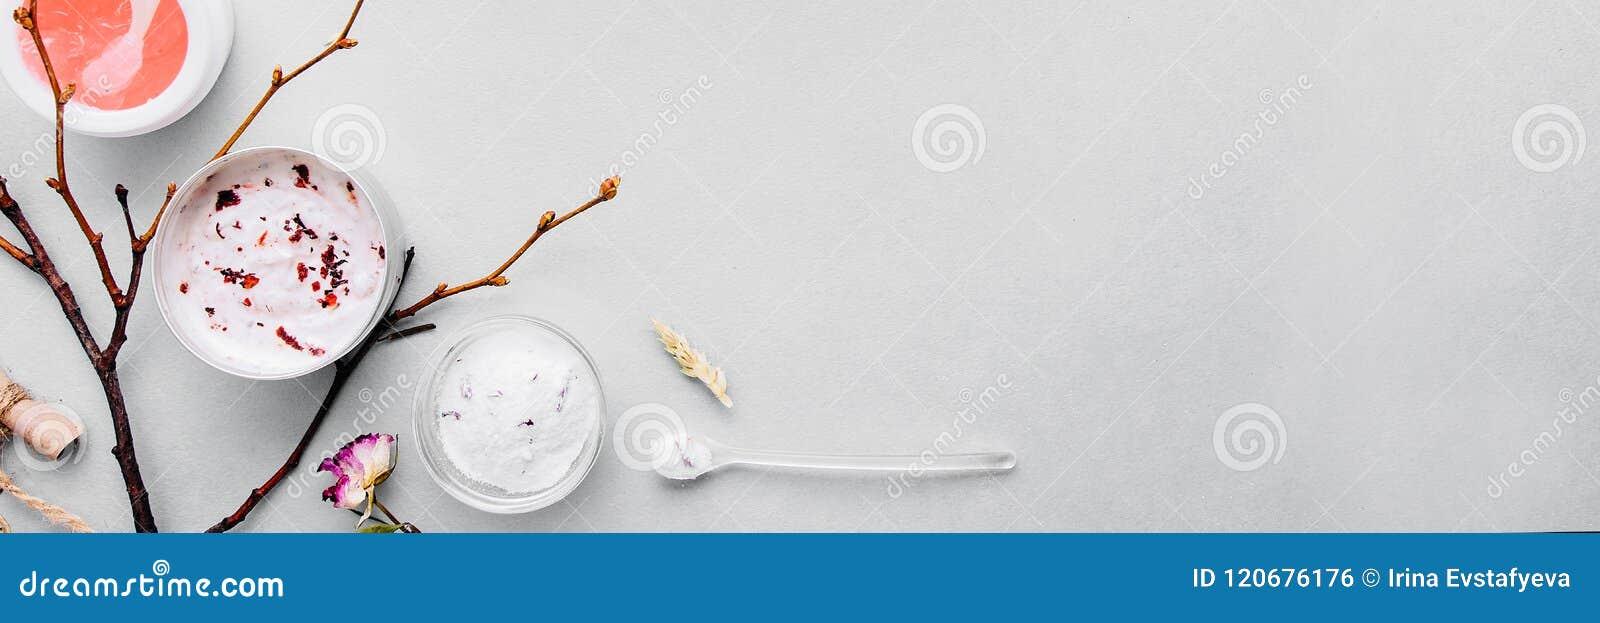 Organische Kosmetik mit handgemachten Gemüsebestandteilen Badekurort, häusliche Pflege: Masken, Schale, scheuern sich Intensive N